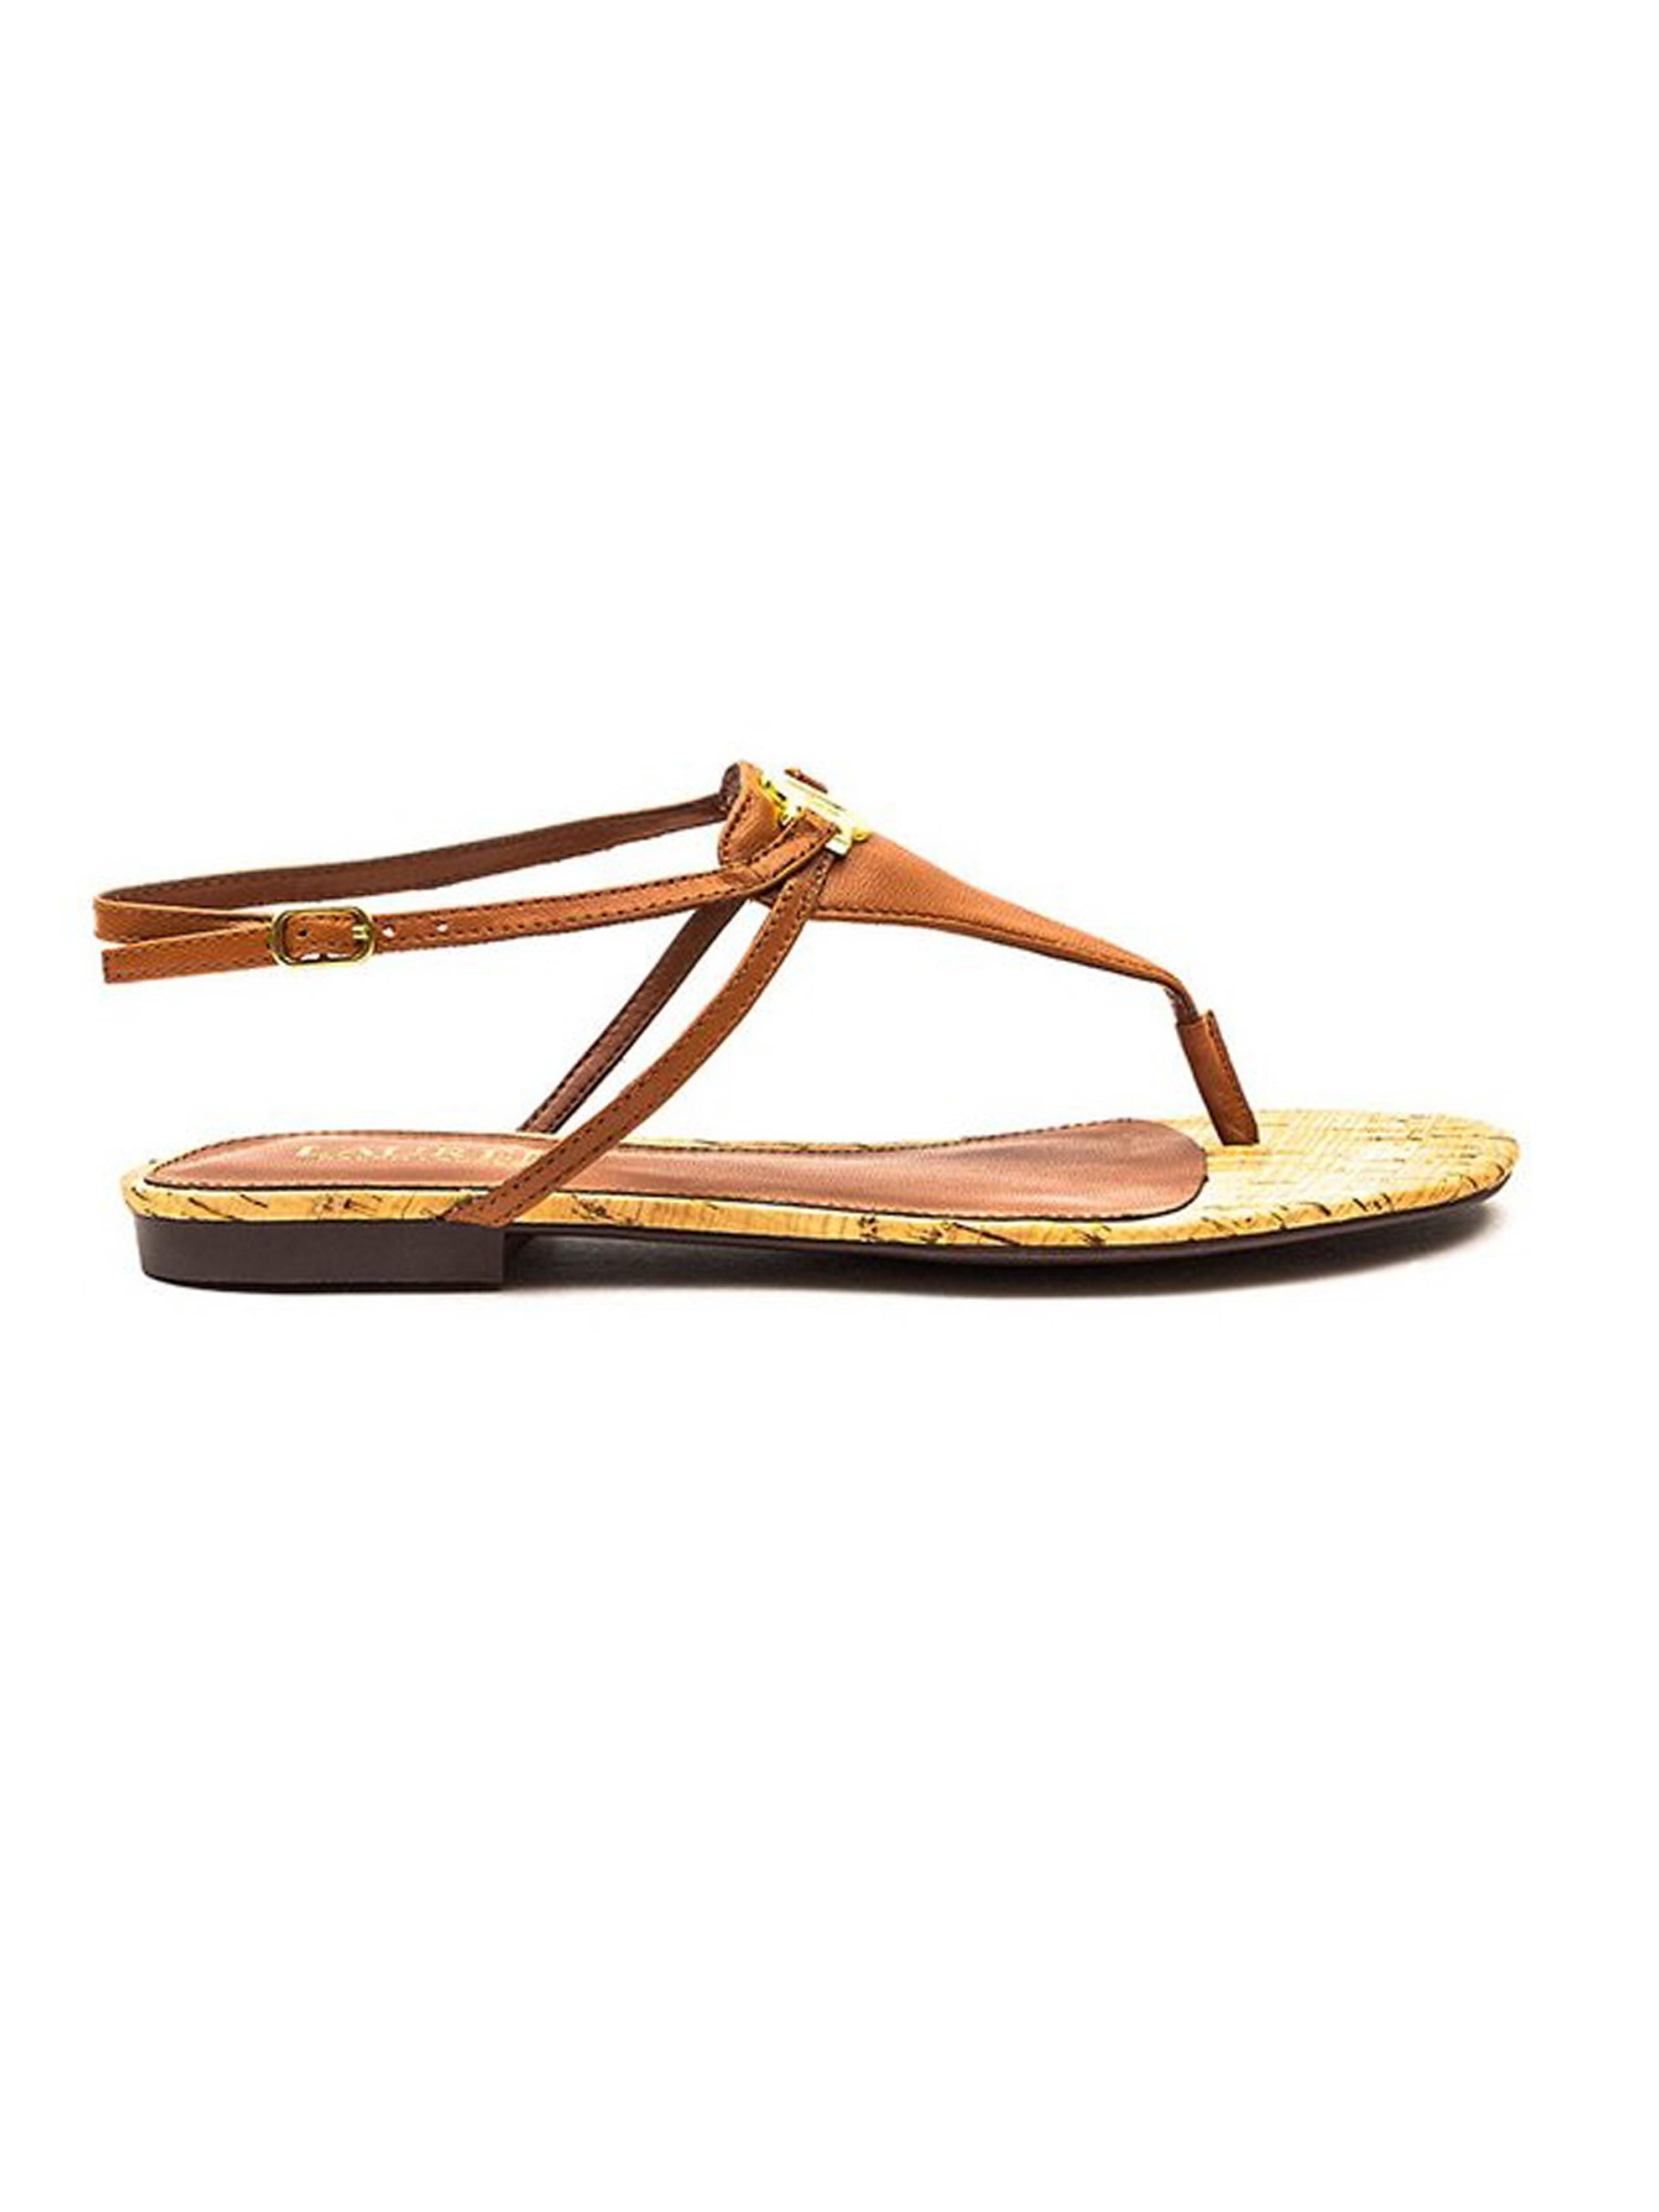 Lauren Ralph Lauren Women's Anita Leather Toe Post Sandals - Tan